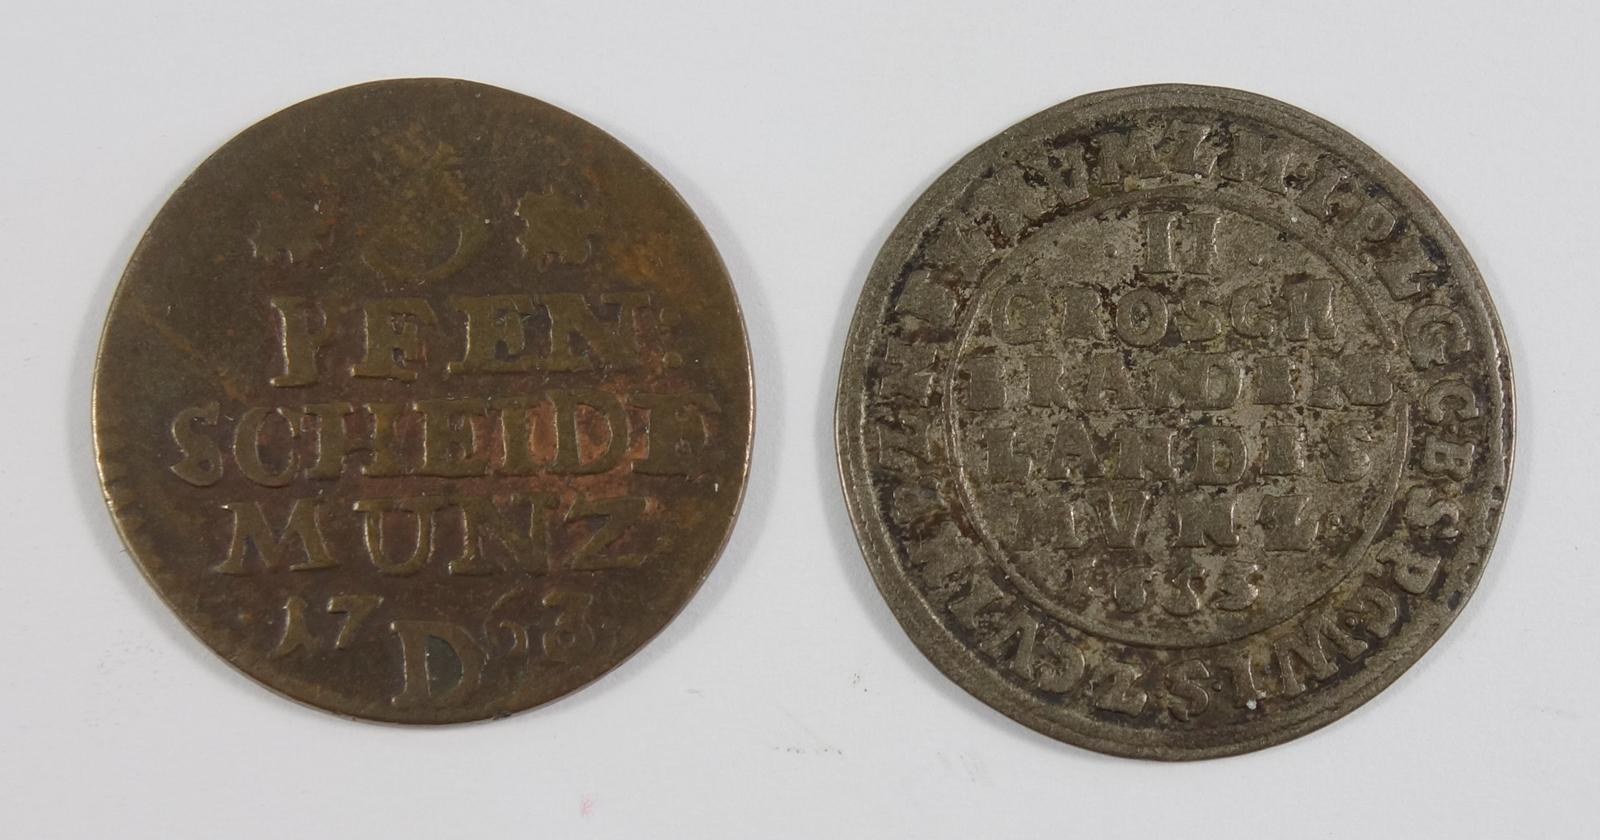 3 Pfennige 1763 und 2 Groschen 1653, König Friedrich, Brandenburg Preussen, s3 pfennig, 1763 and 2 - Bild 2 aus 2